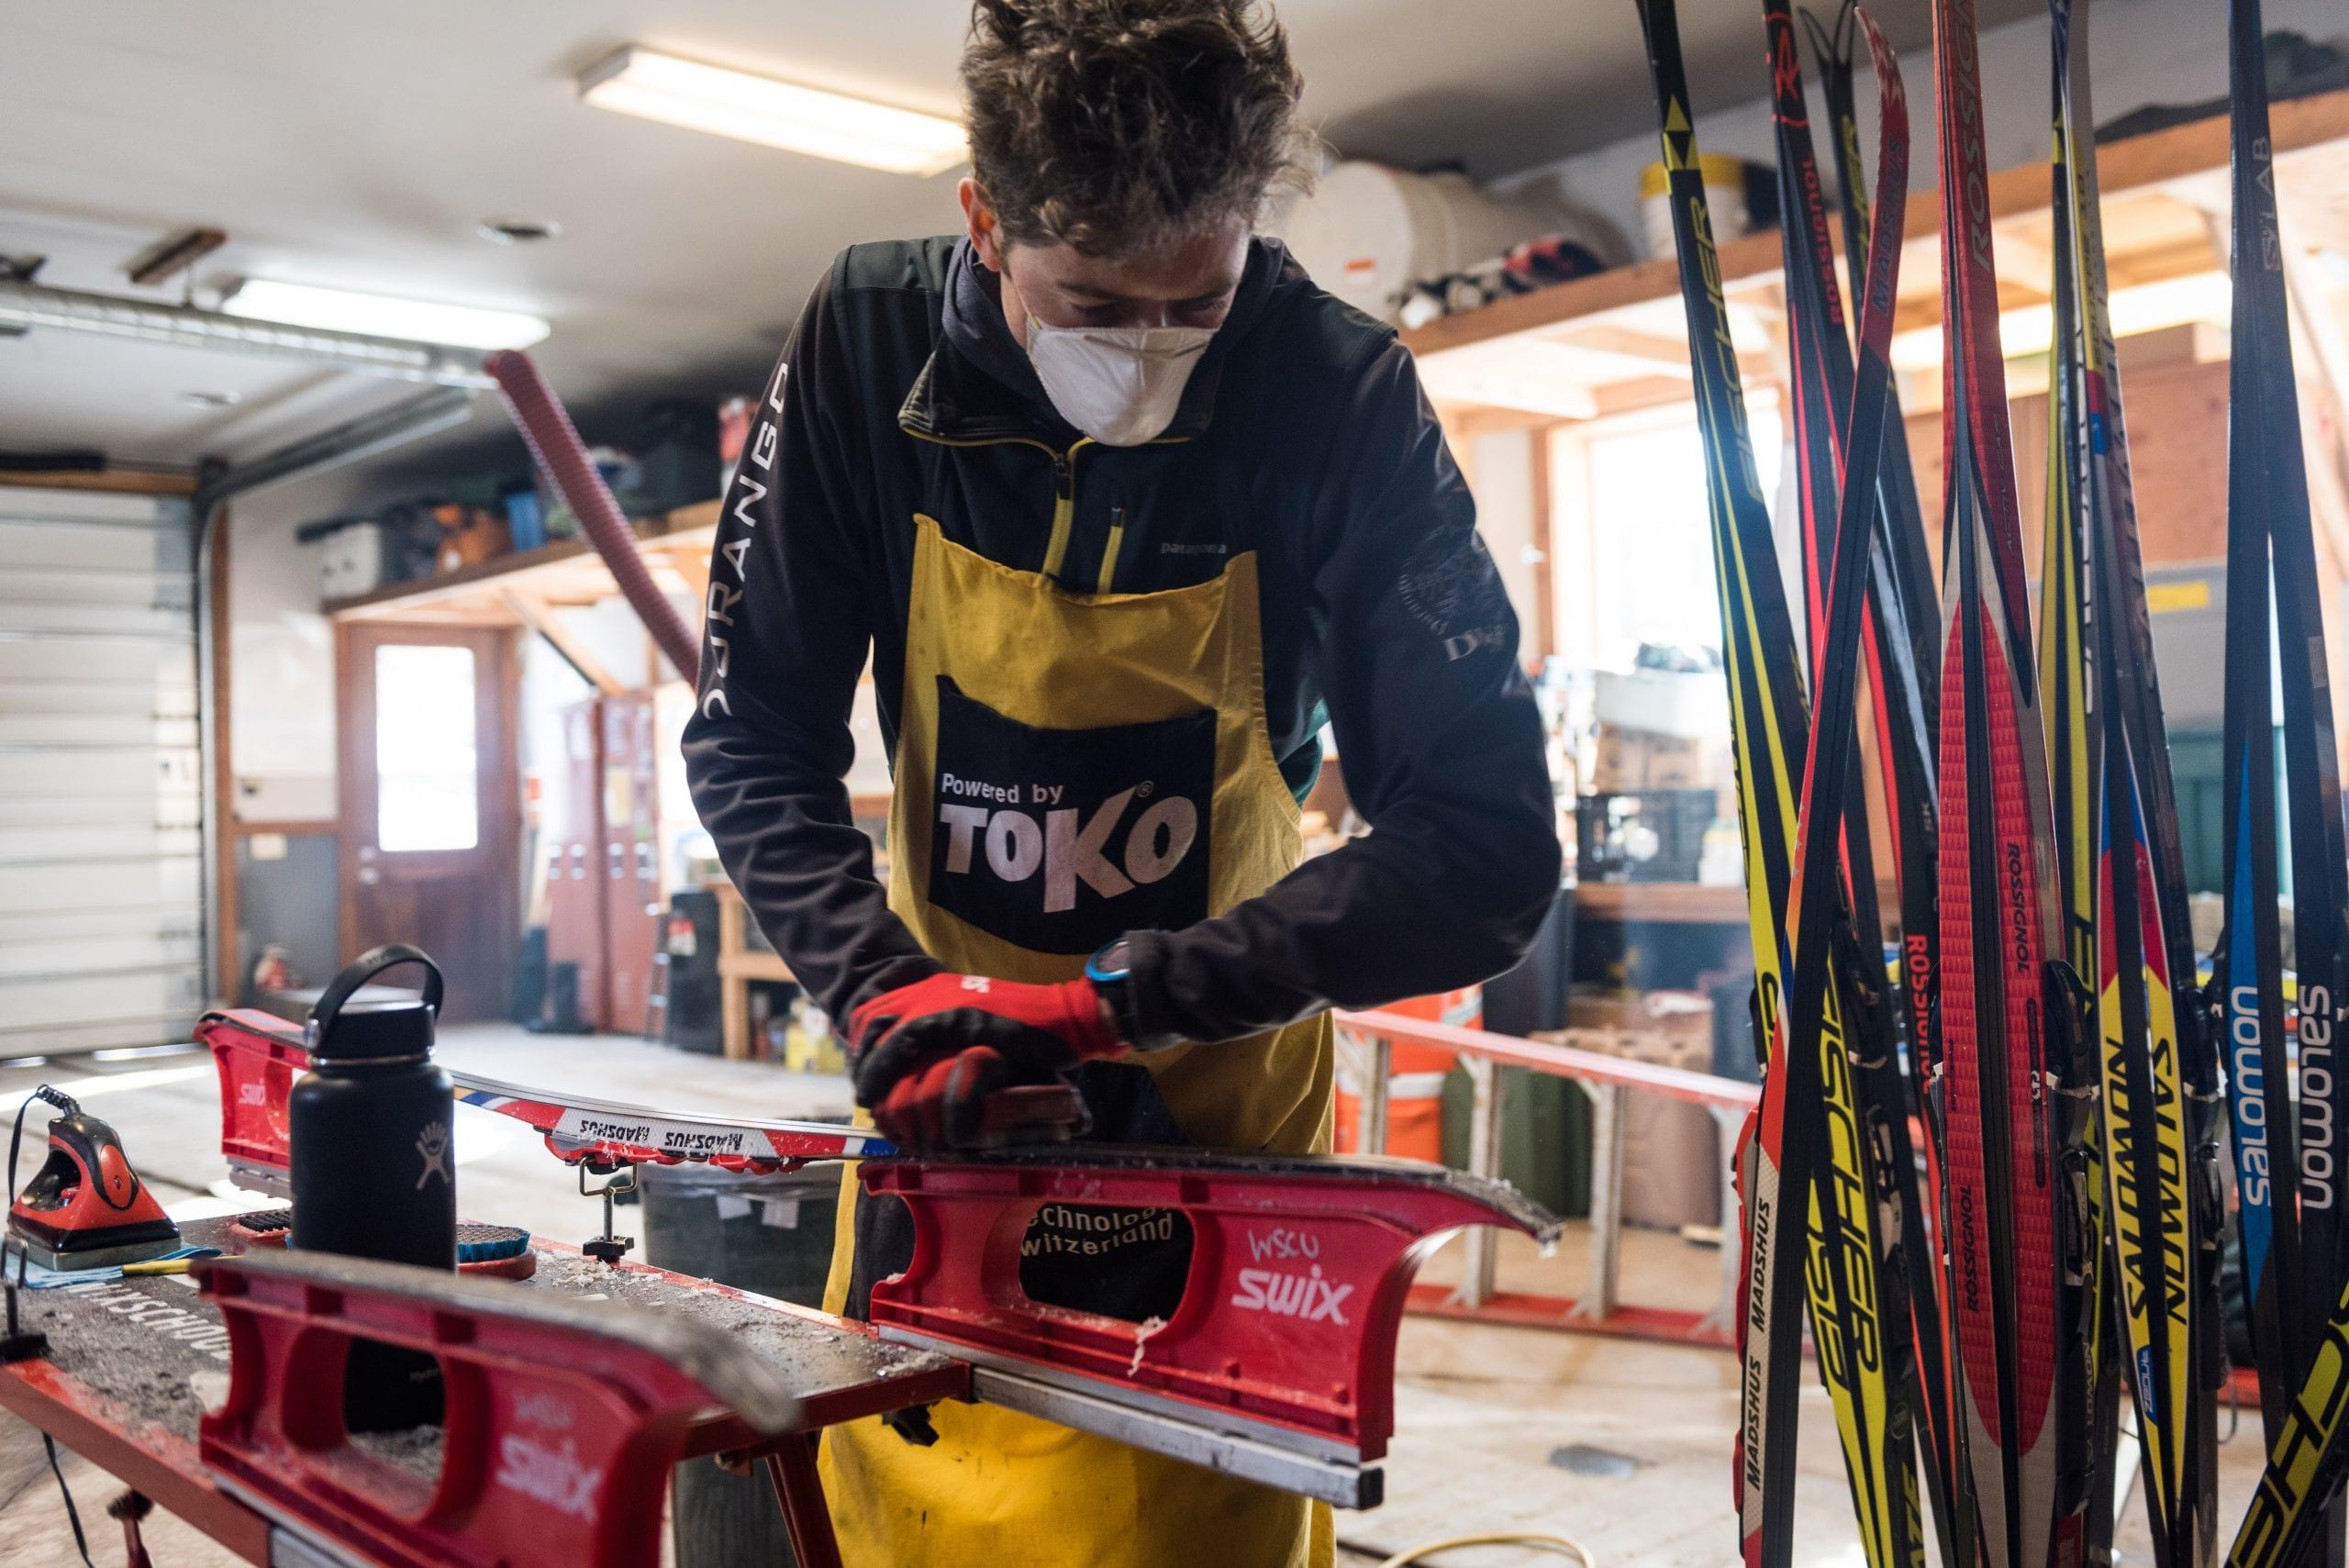 Waxing tech polishing a ski